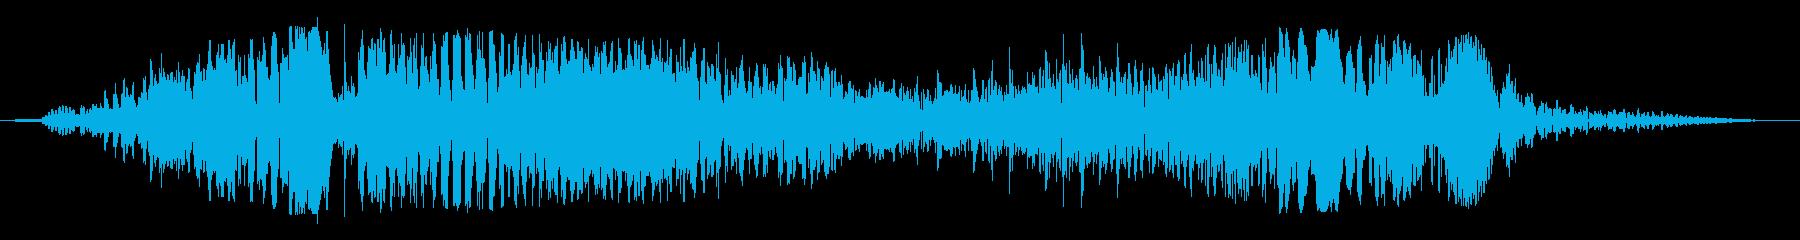 生命維持装置の作動音の再生済みの波形